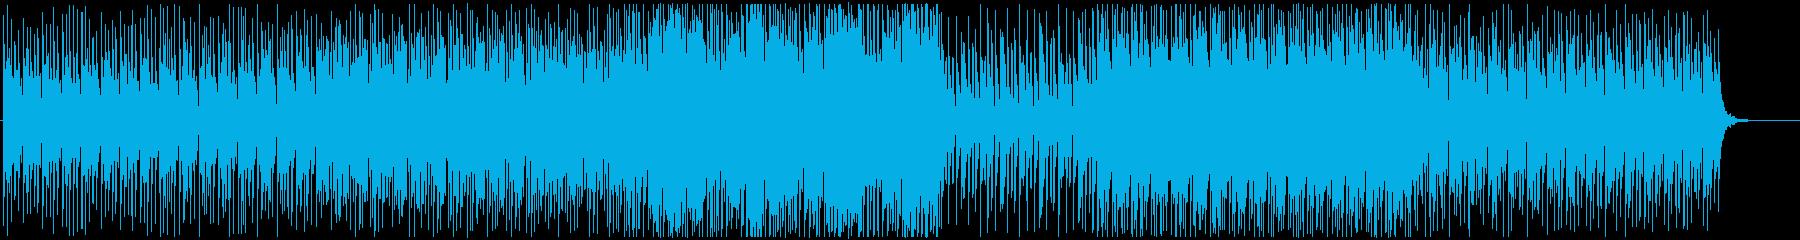 優しく雄大な口笛アウトドアポップの再生済みの波形